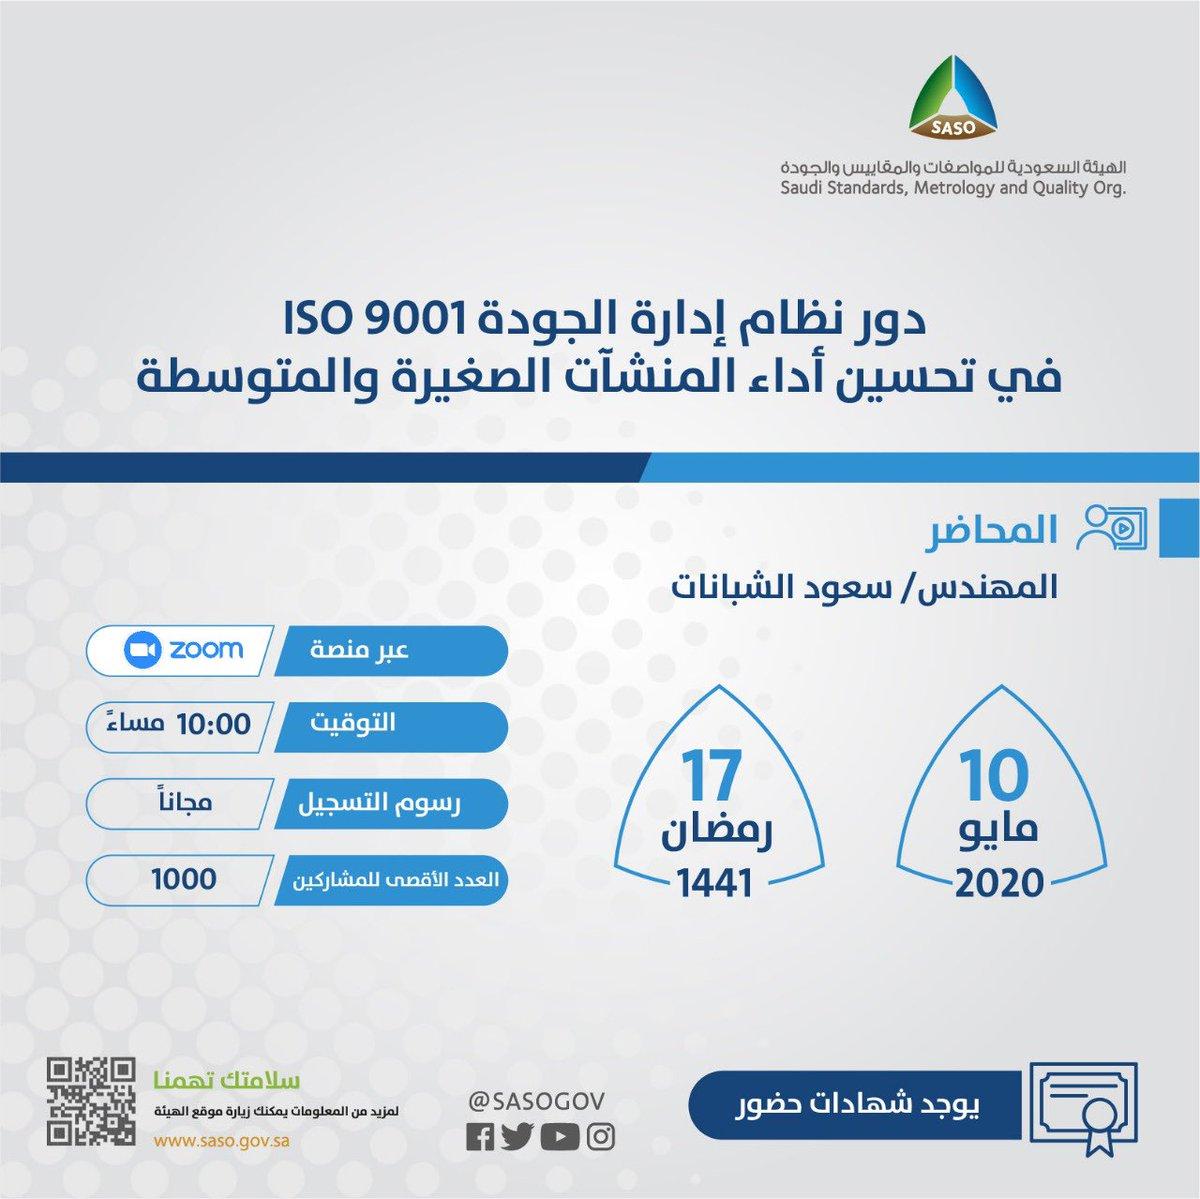 الهيئة السعودية للمواصفات والمقاييس تدريب عن بعد